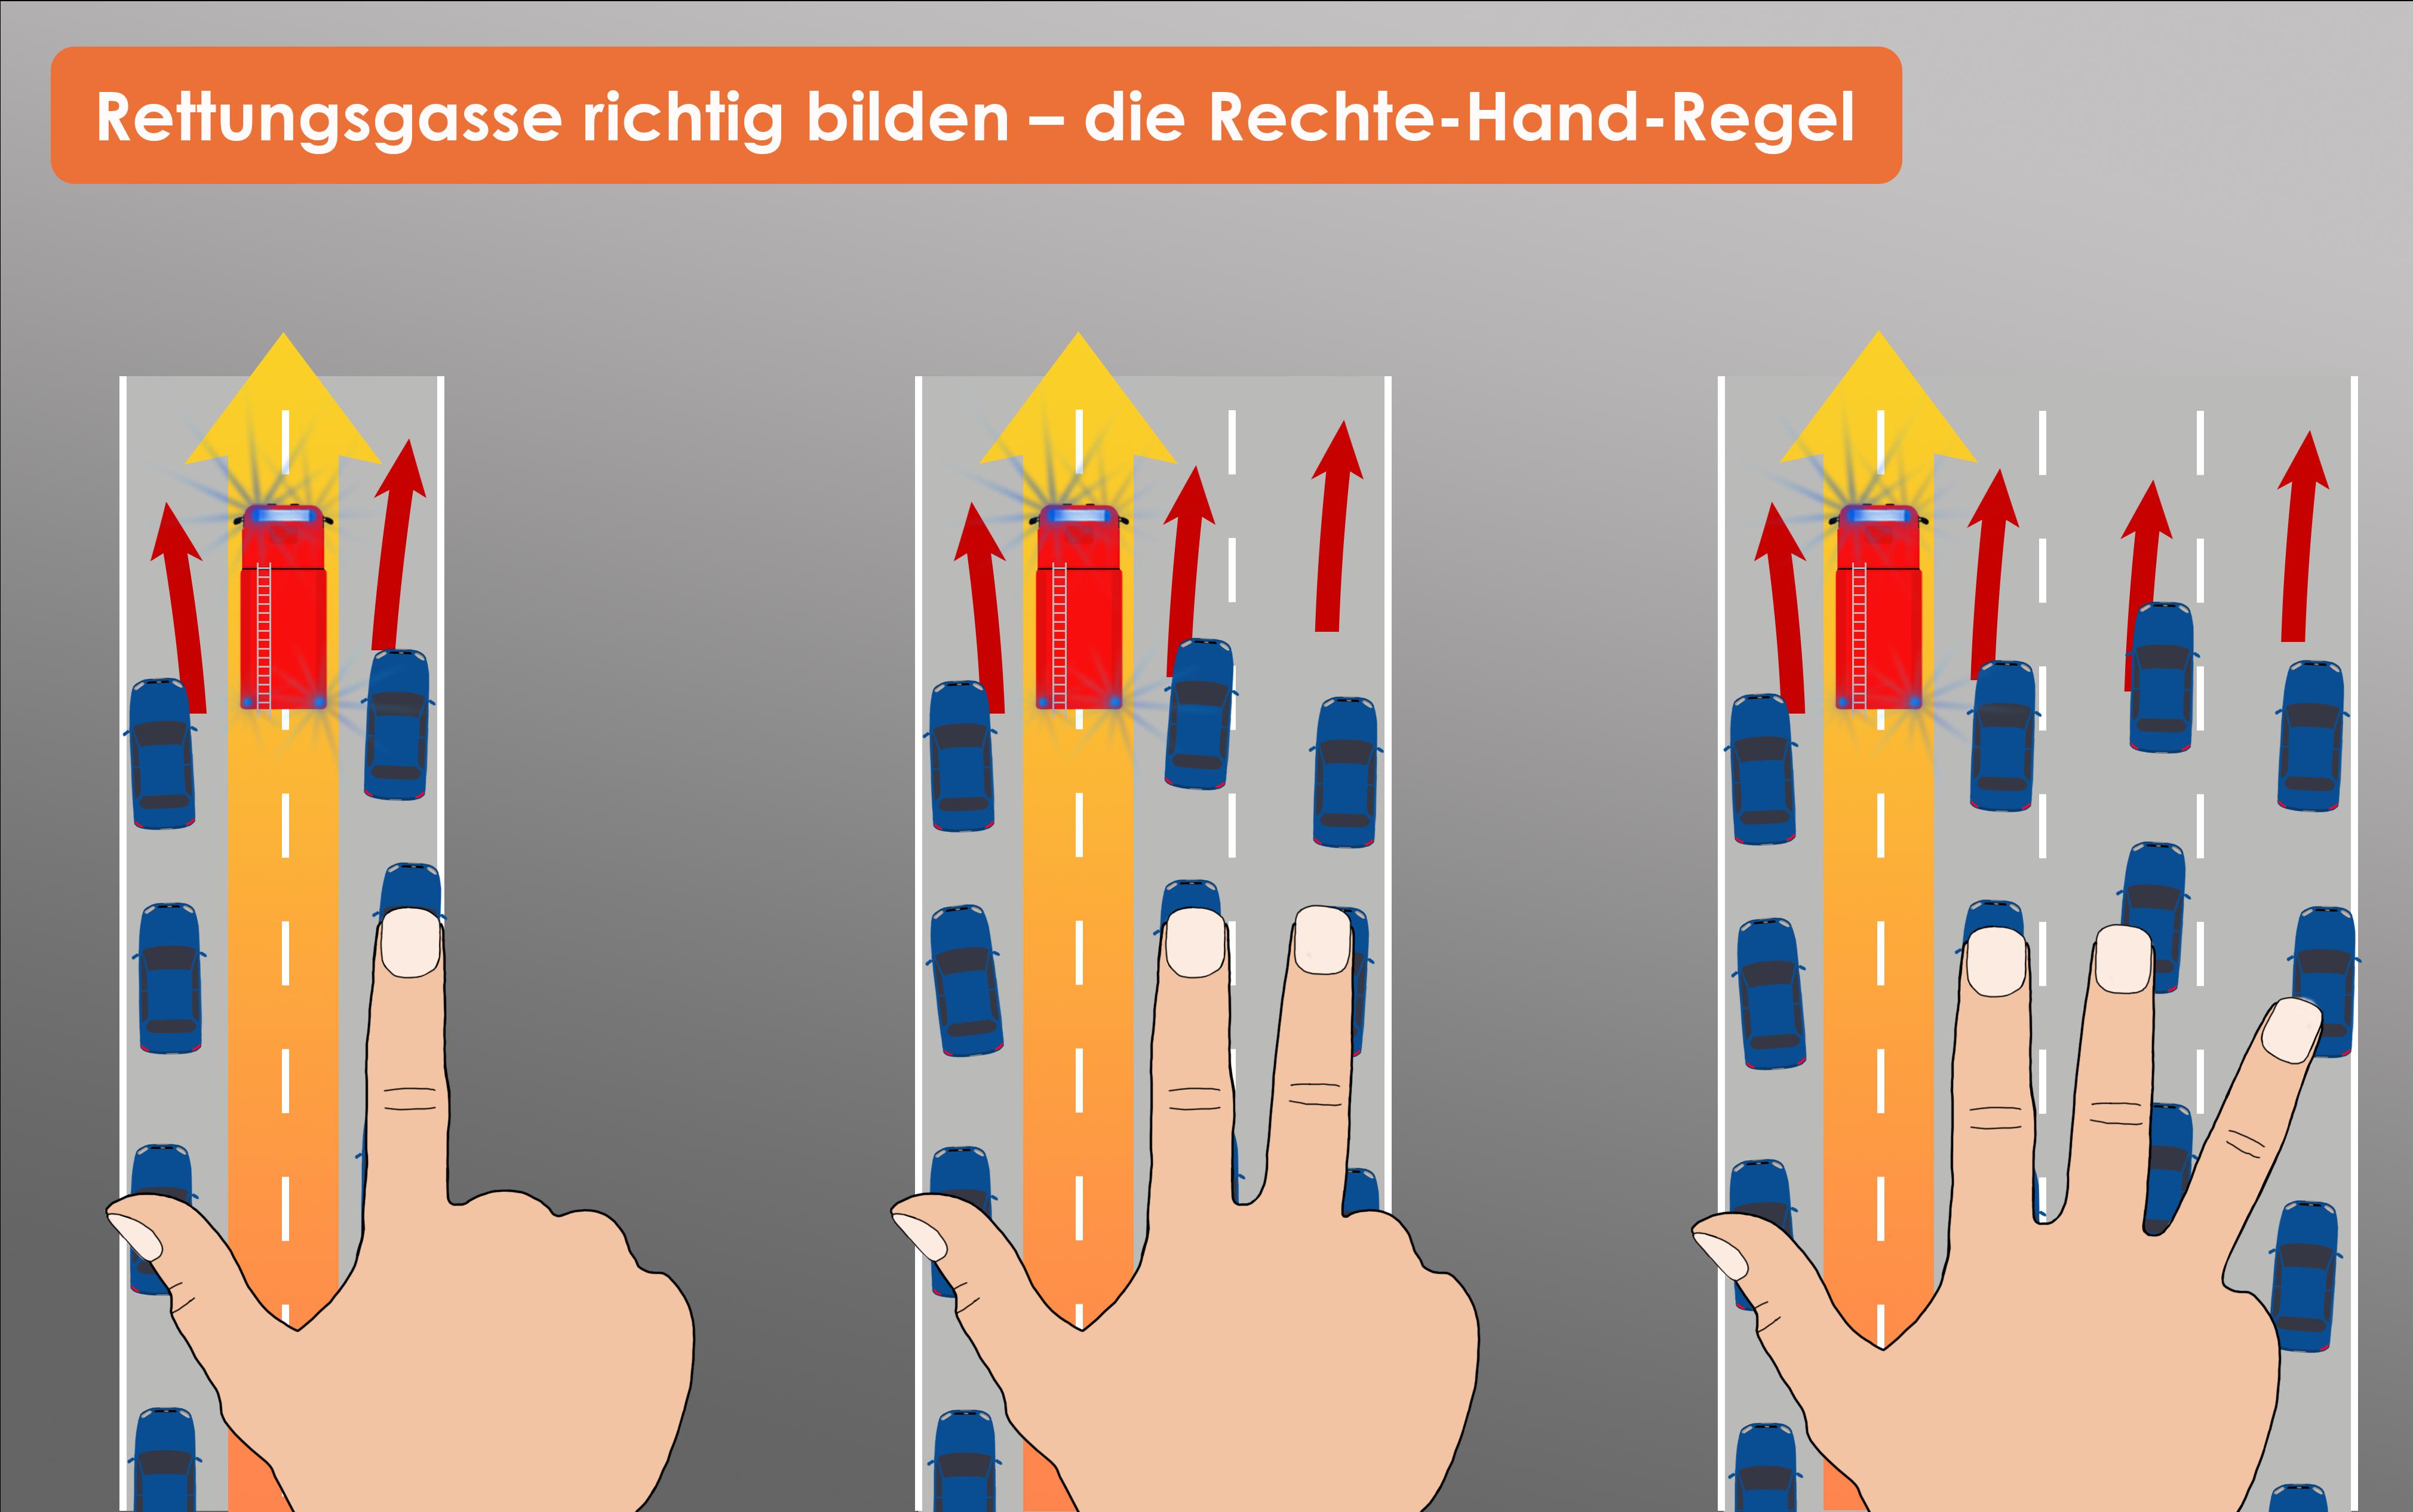 Rechte-Hand-Regel